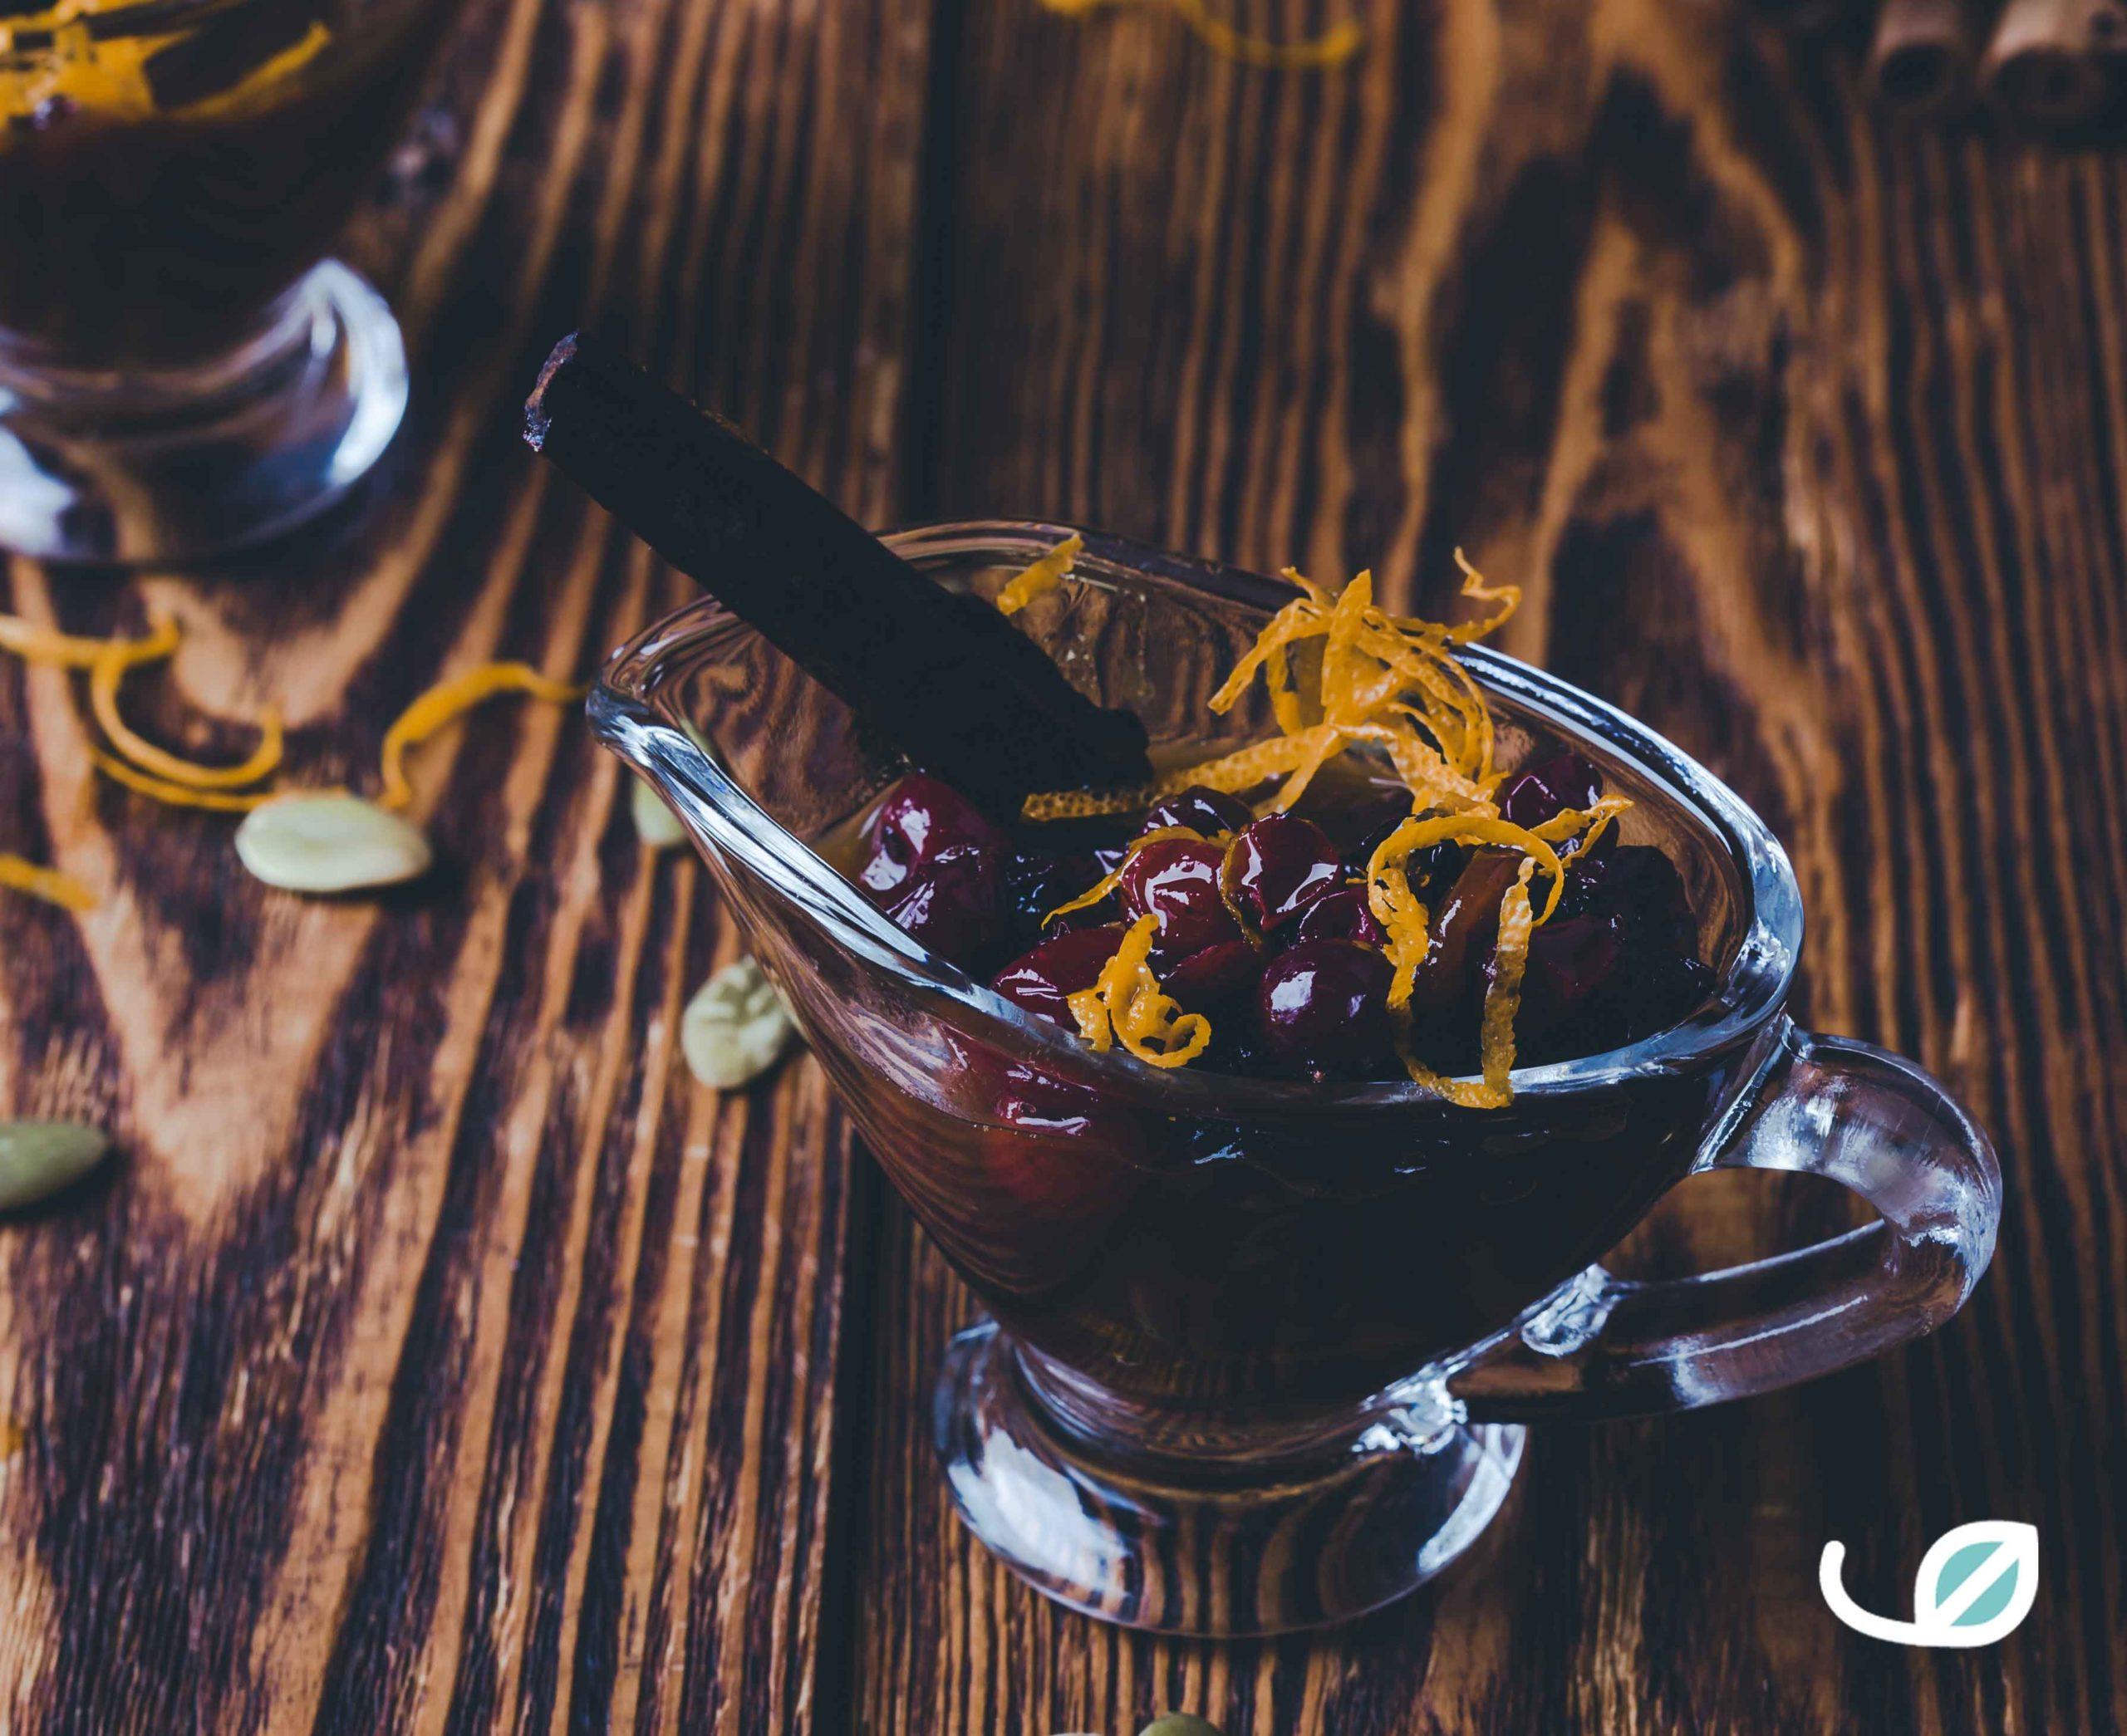 Keto Cranberry saus Veenbessen saus met kaneel chocolade en zeste van sinaas